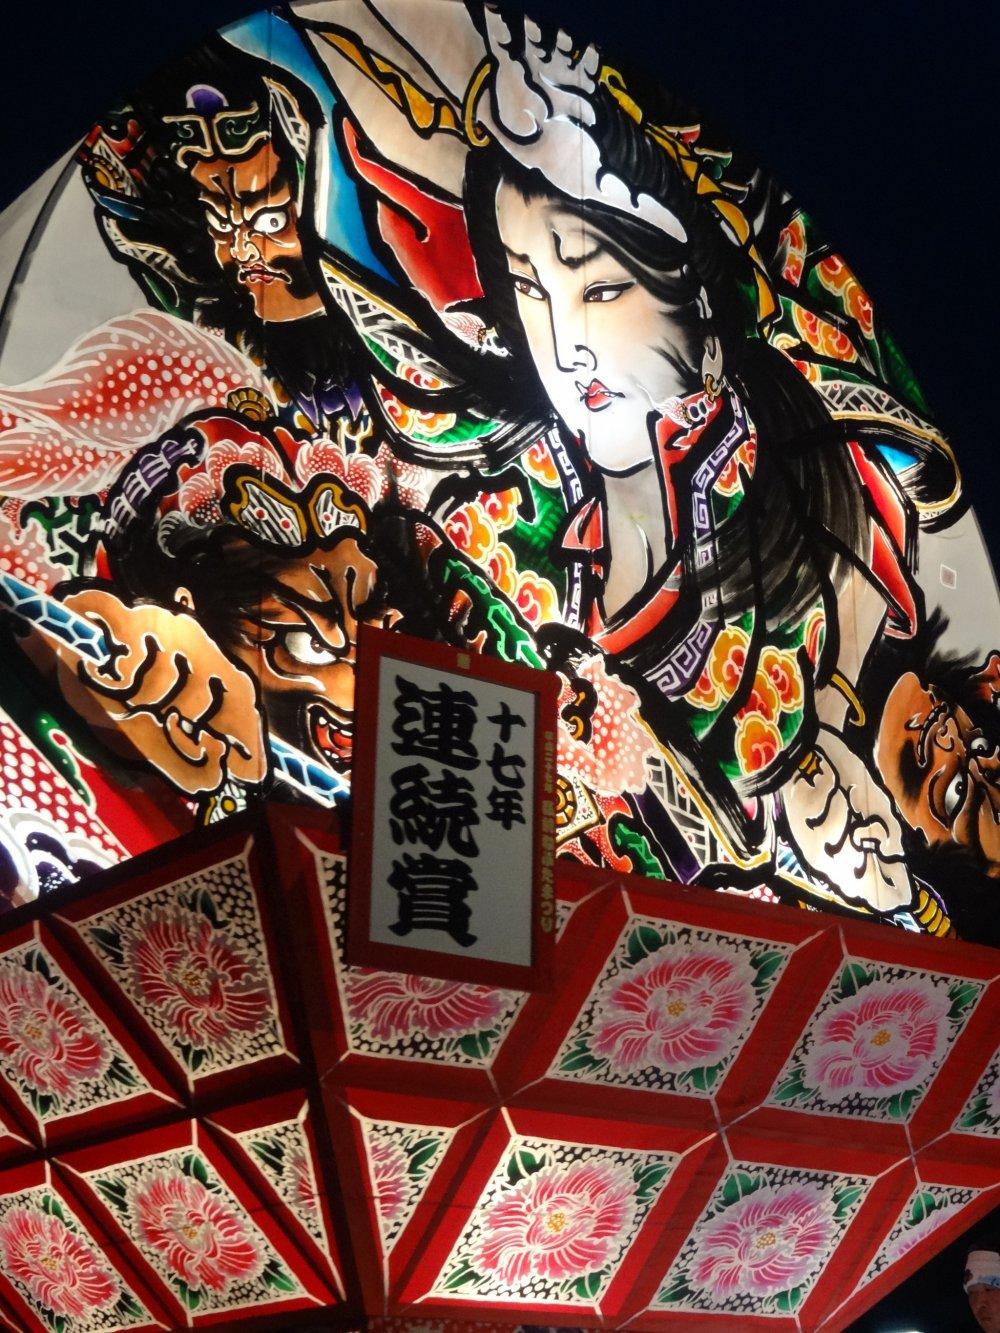 Gros plan sur l'un des chars du Neputa matsuri d'Hirosaki